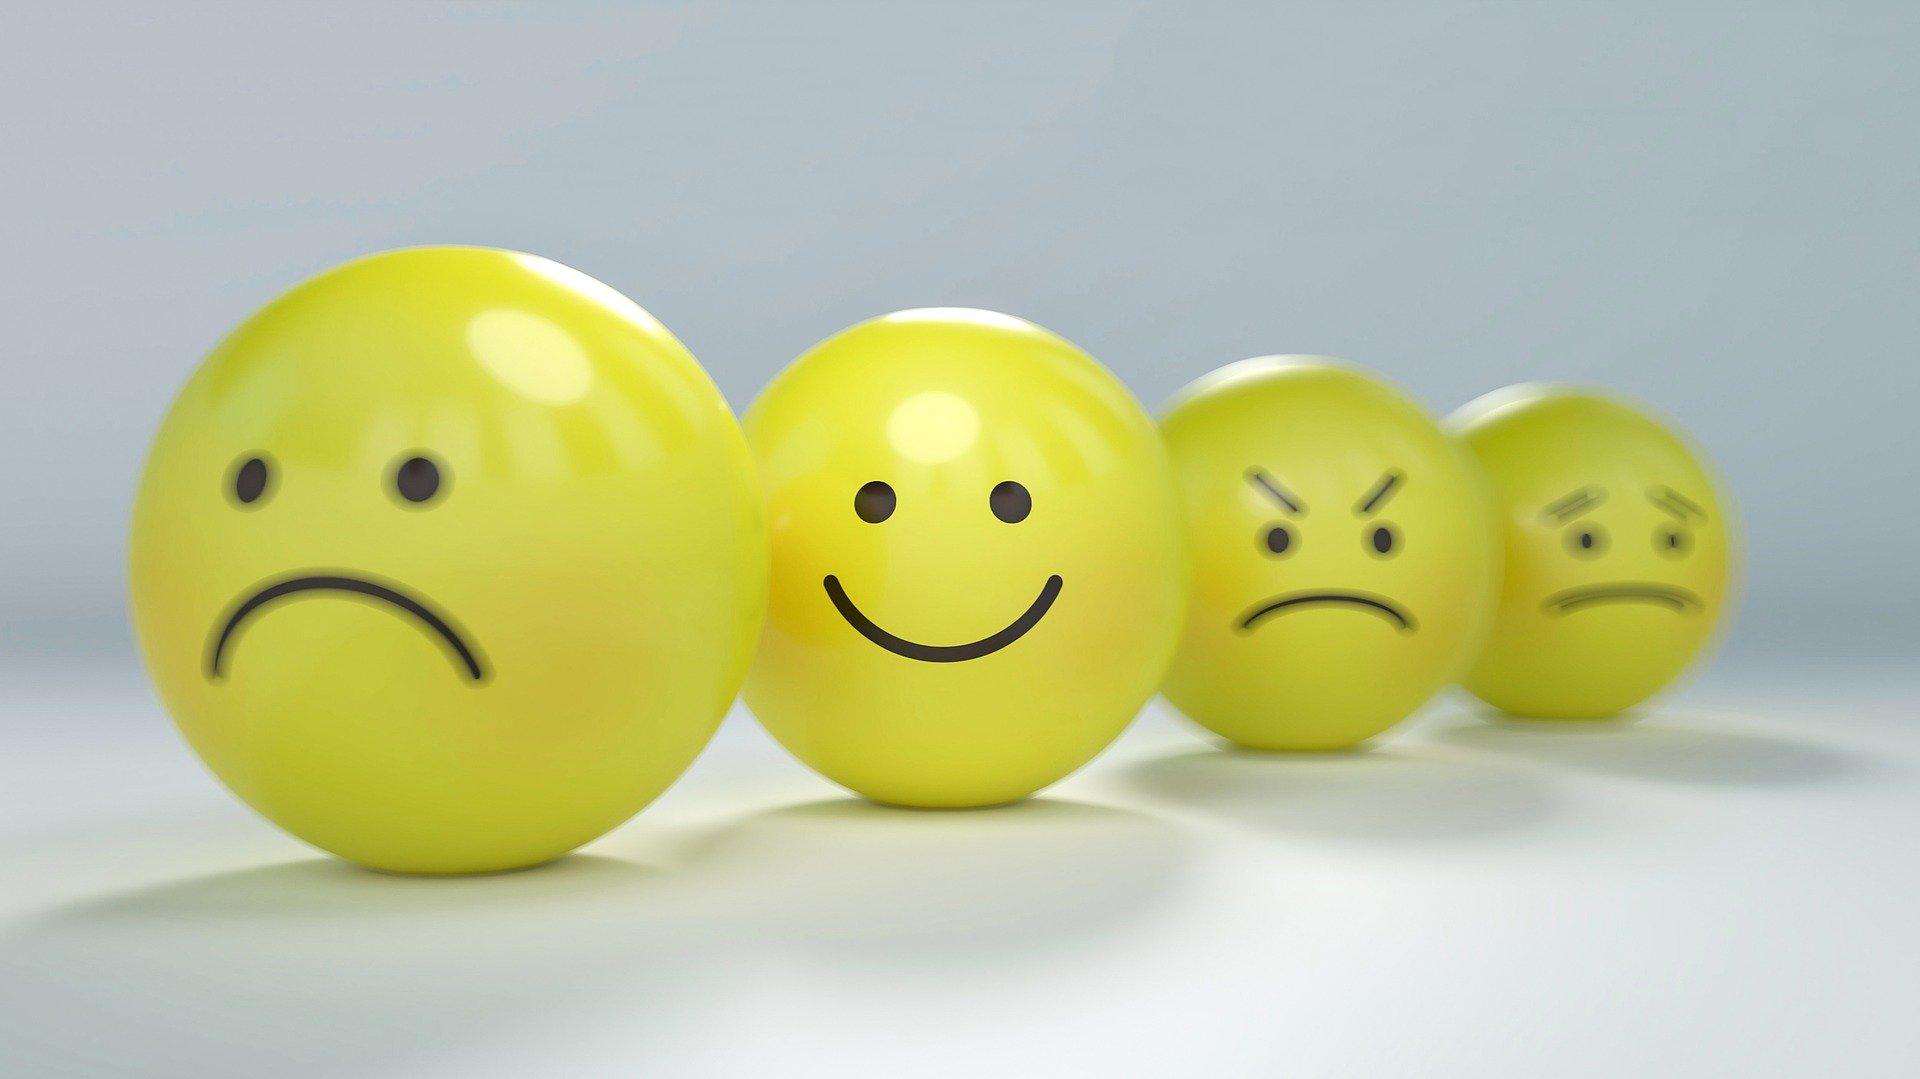 Le Principali Emozioni dell'Essere Umano